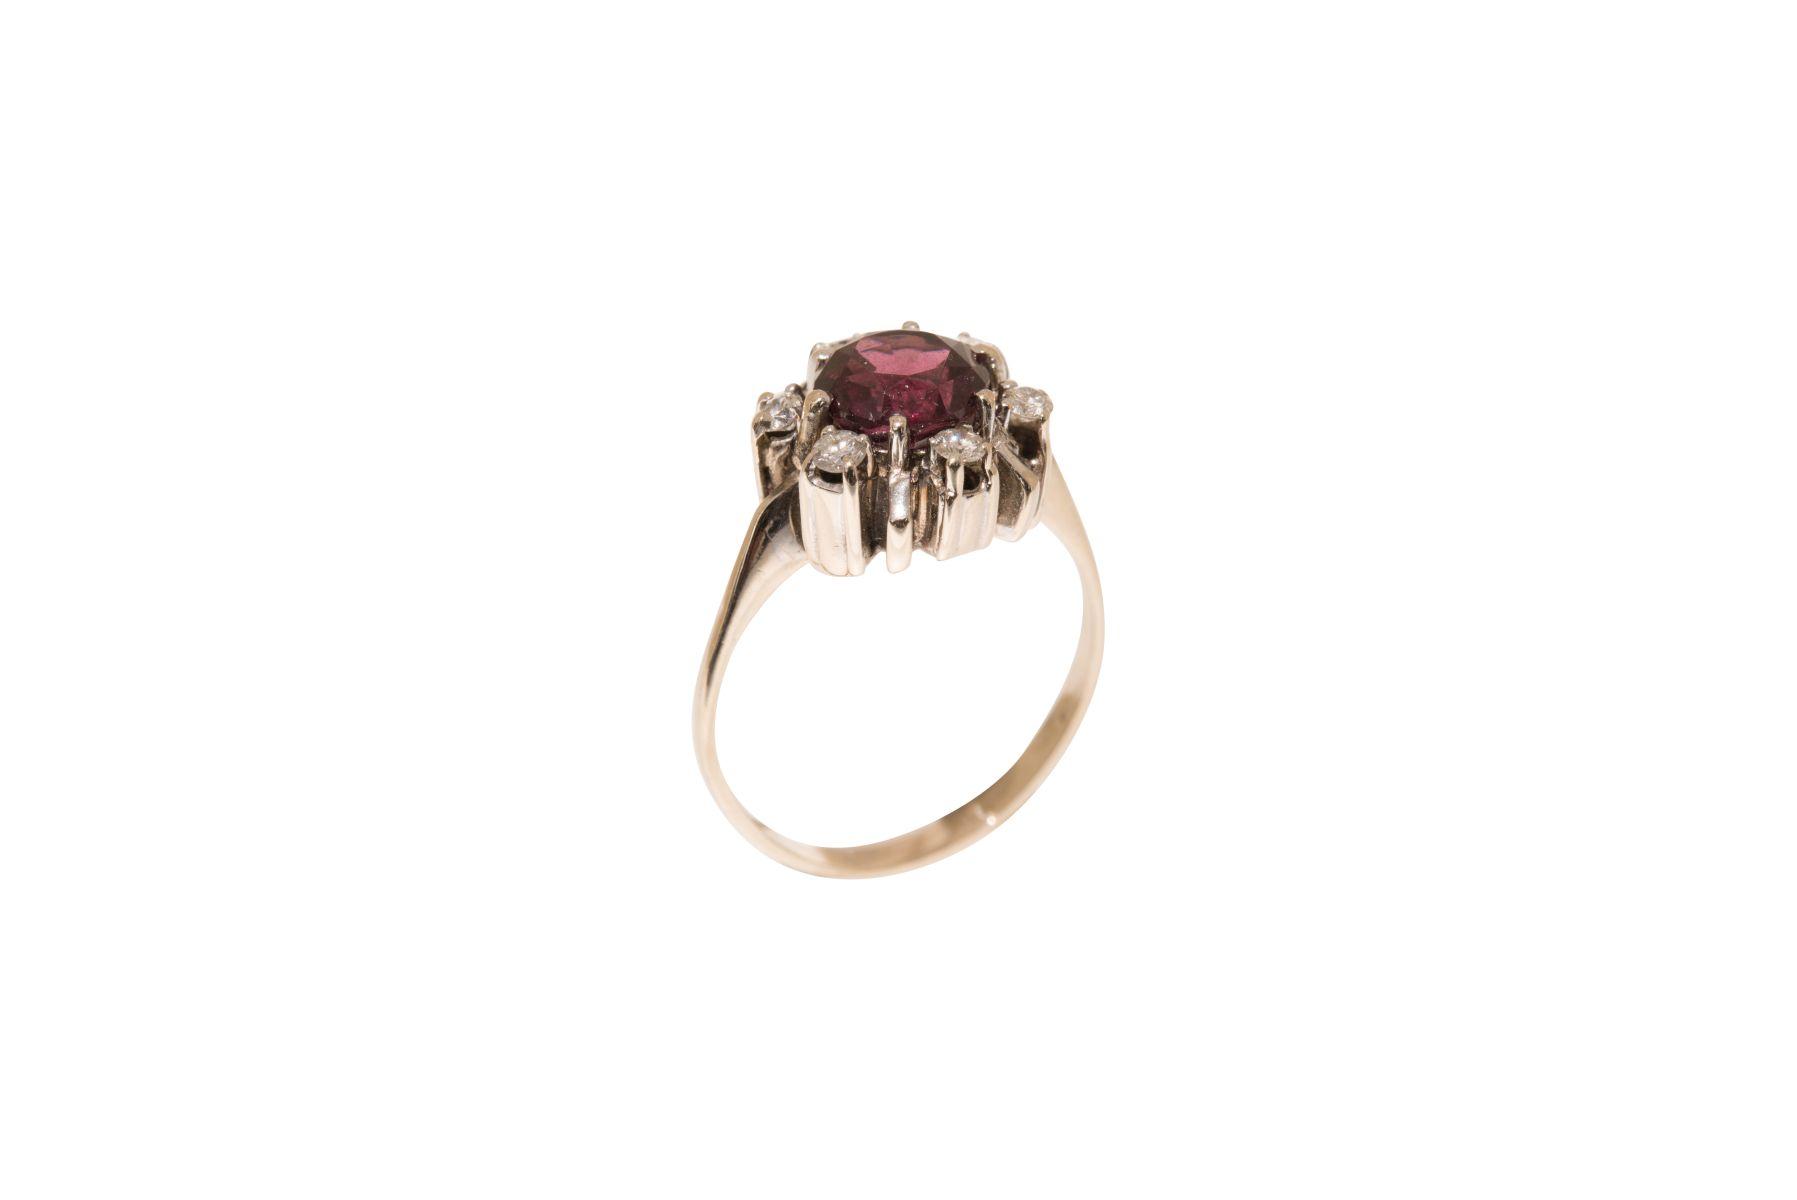 #210 Ring | Ring Image